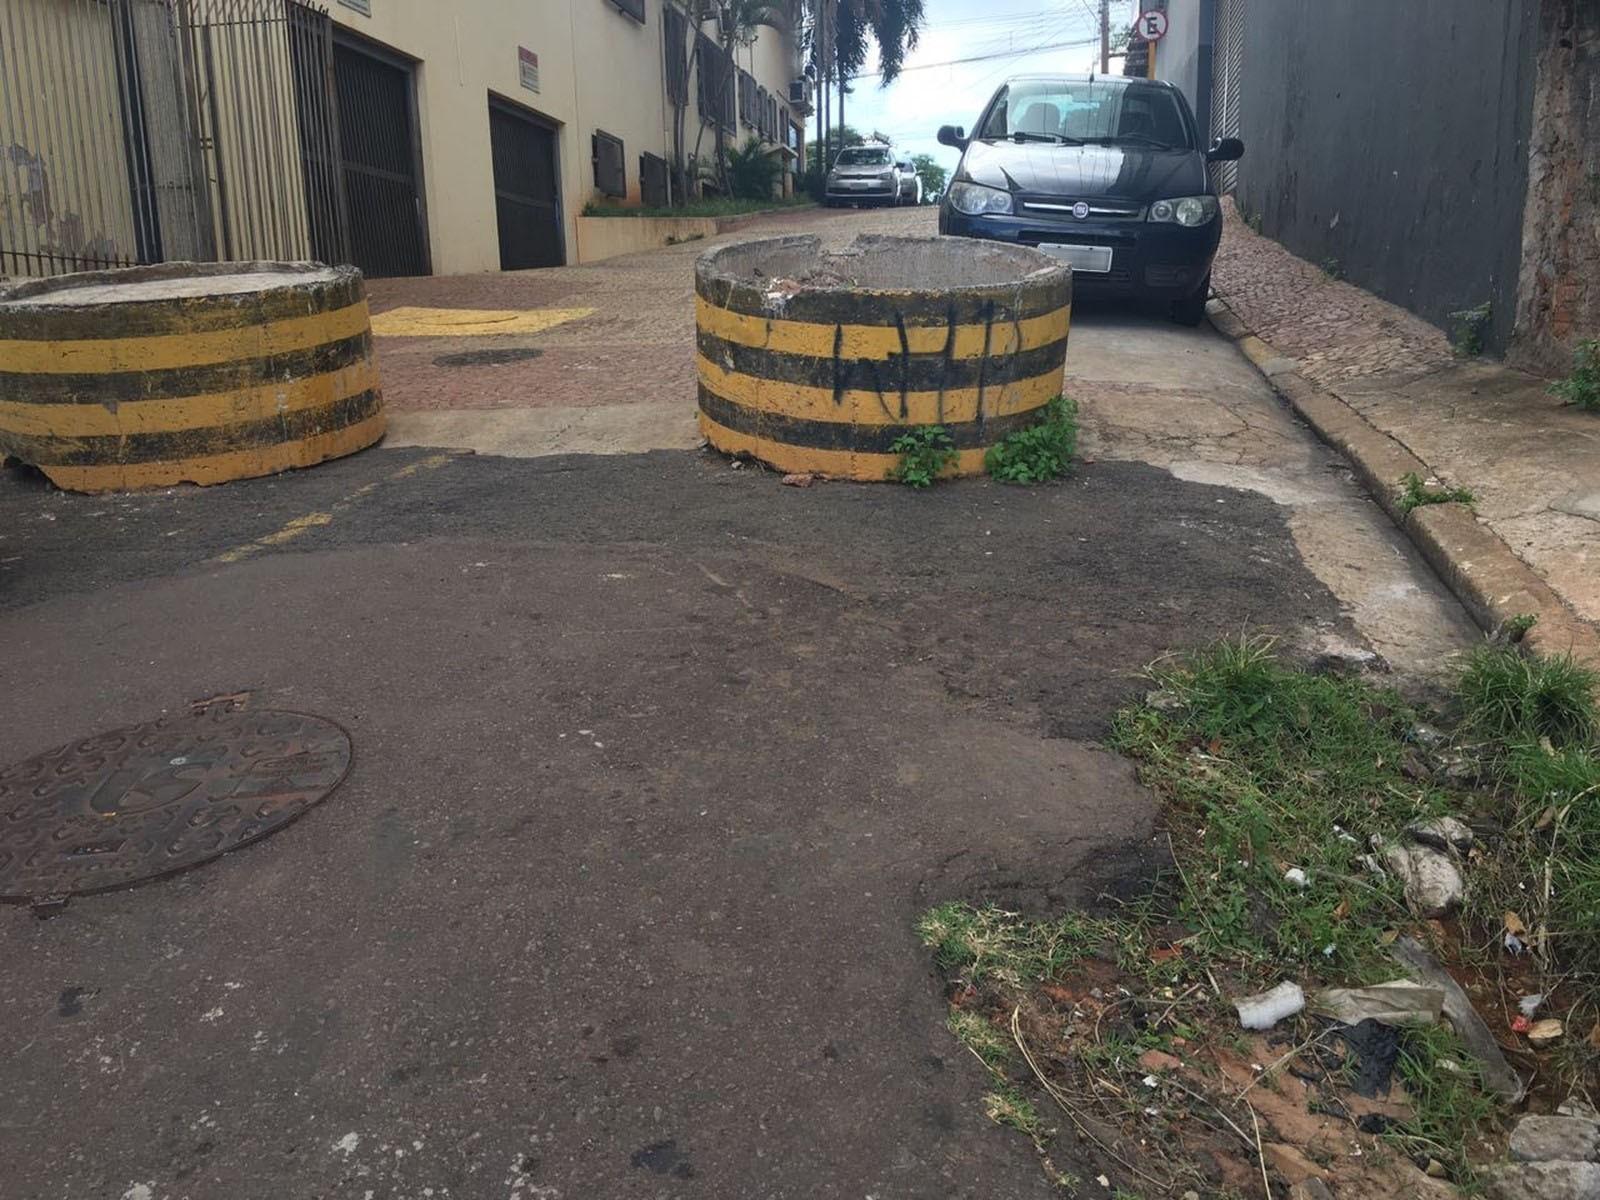 Rapaz é assaltado por quatro bandidos ao atravessar viela na Vila São Jorge, em Presidente Prudente - Notícias - Plantão Diário